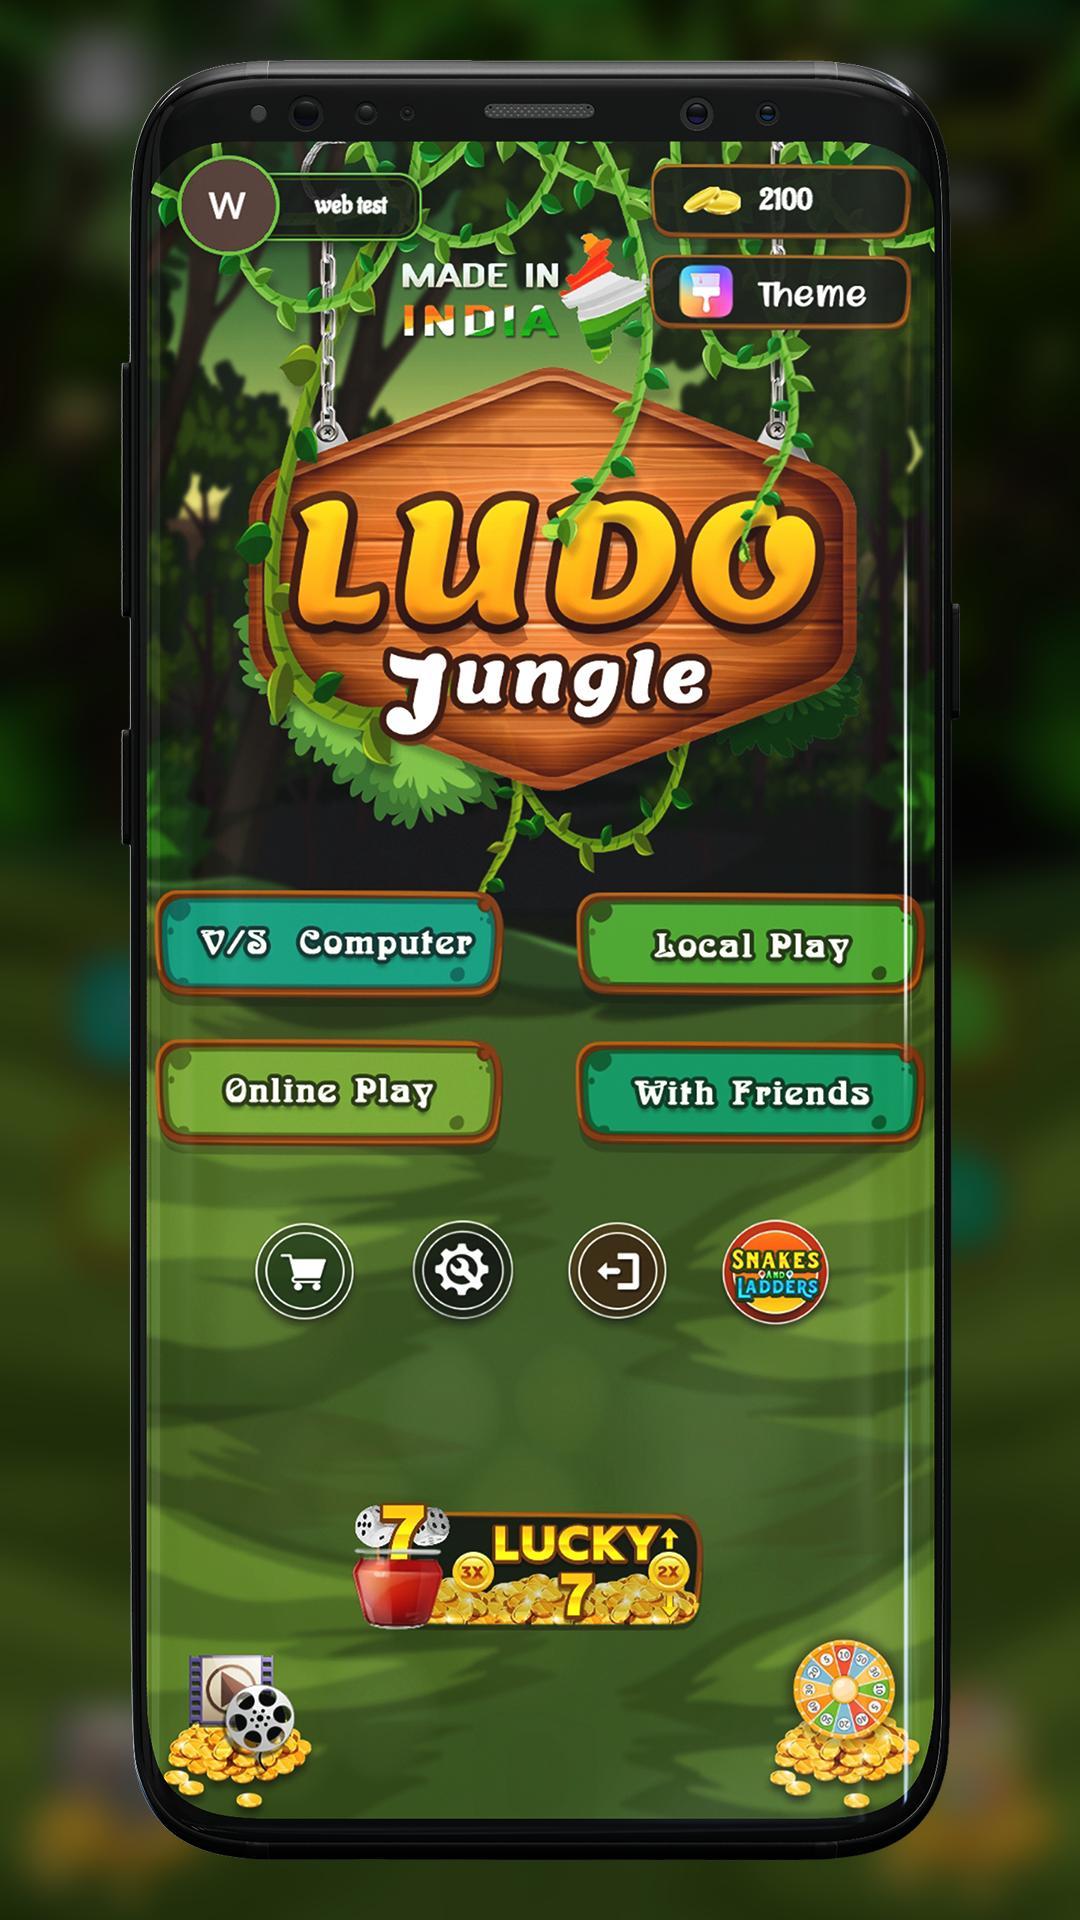 Ludo Jungle - Fun online Dice Game 1.4 Screenshot 1